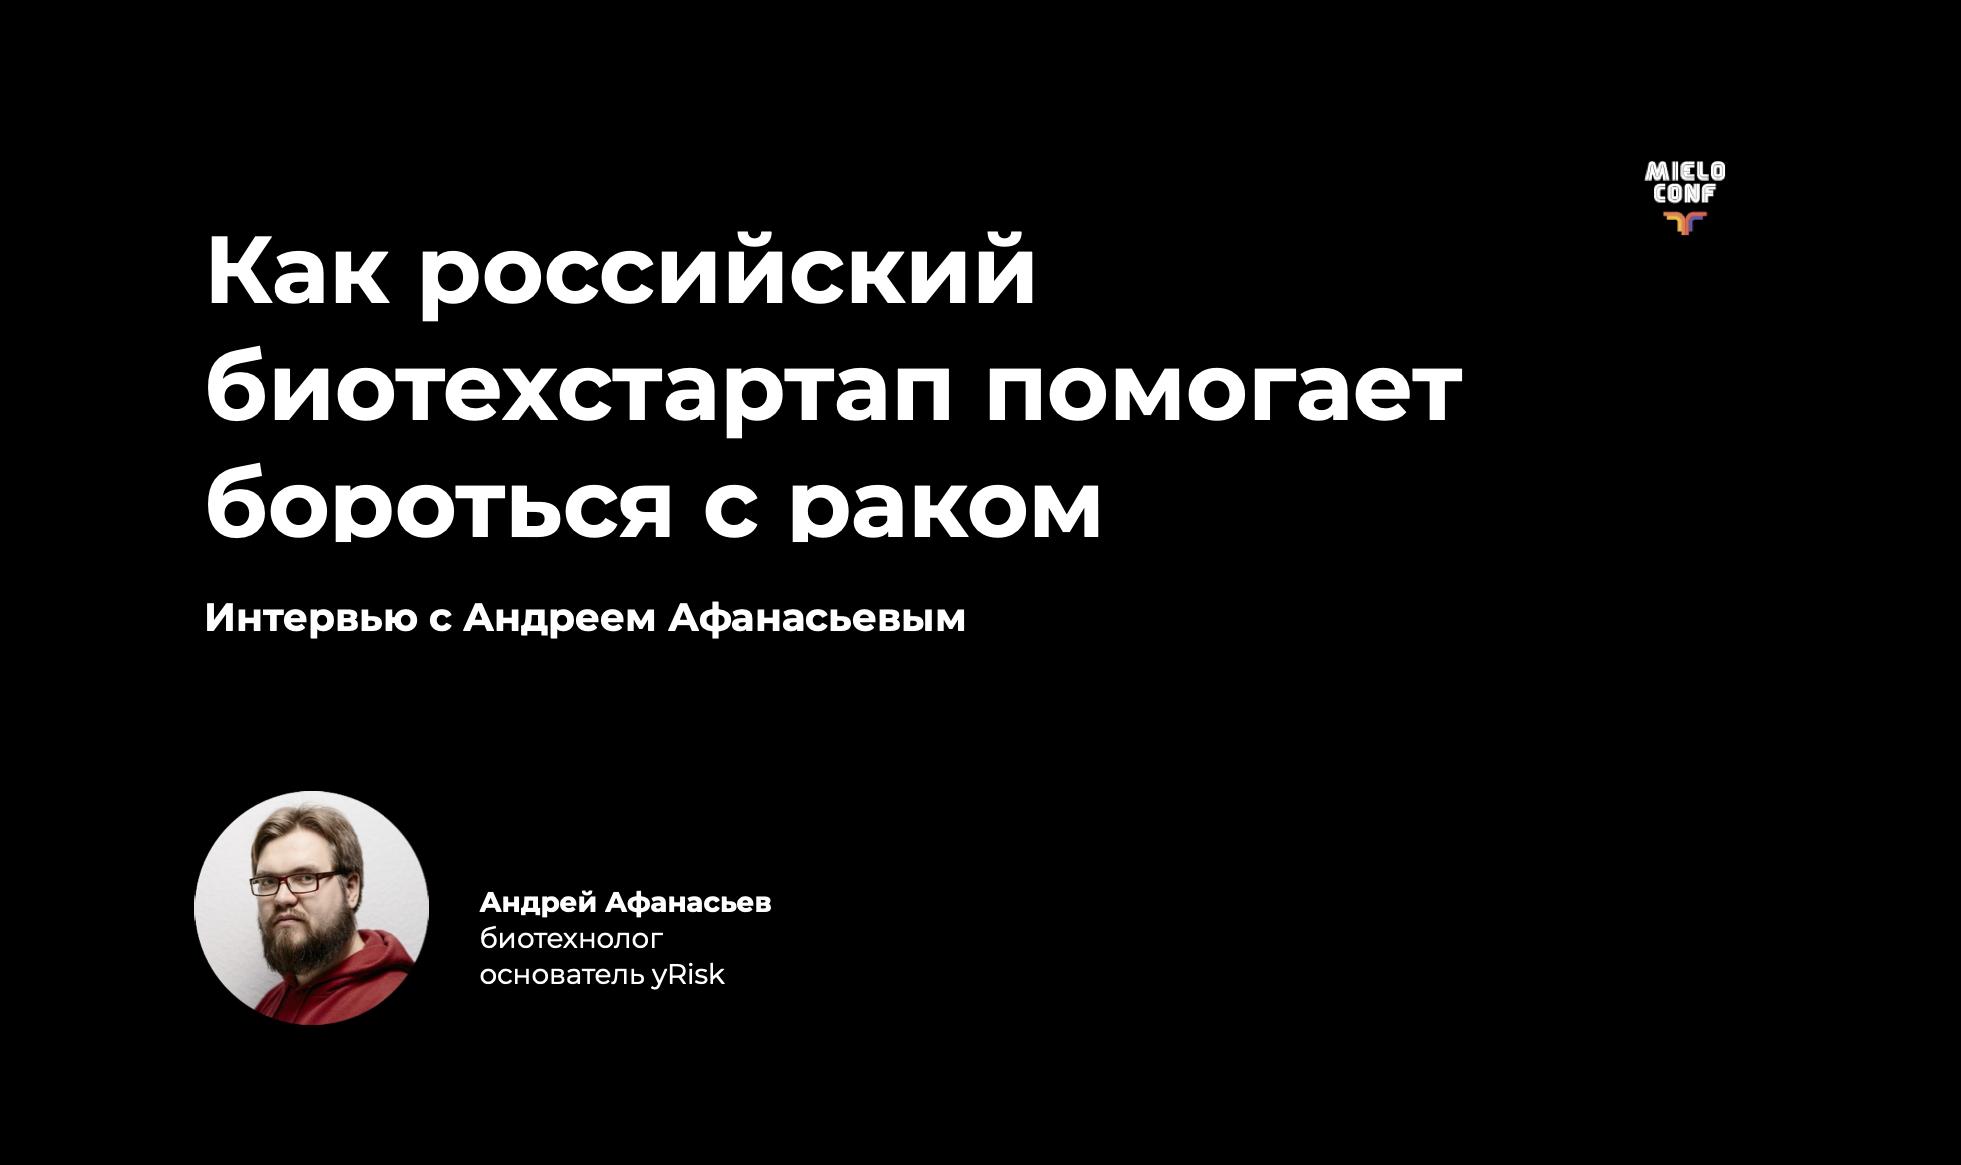 Как российский биотехстартап помогает бороться с раком - 1